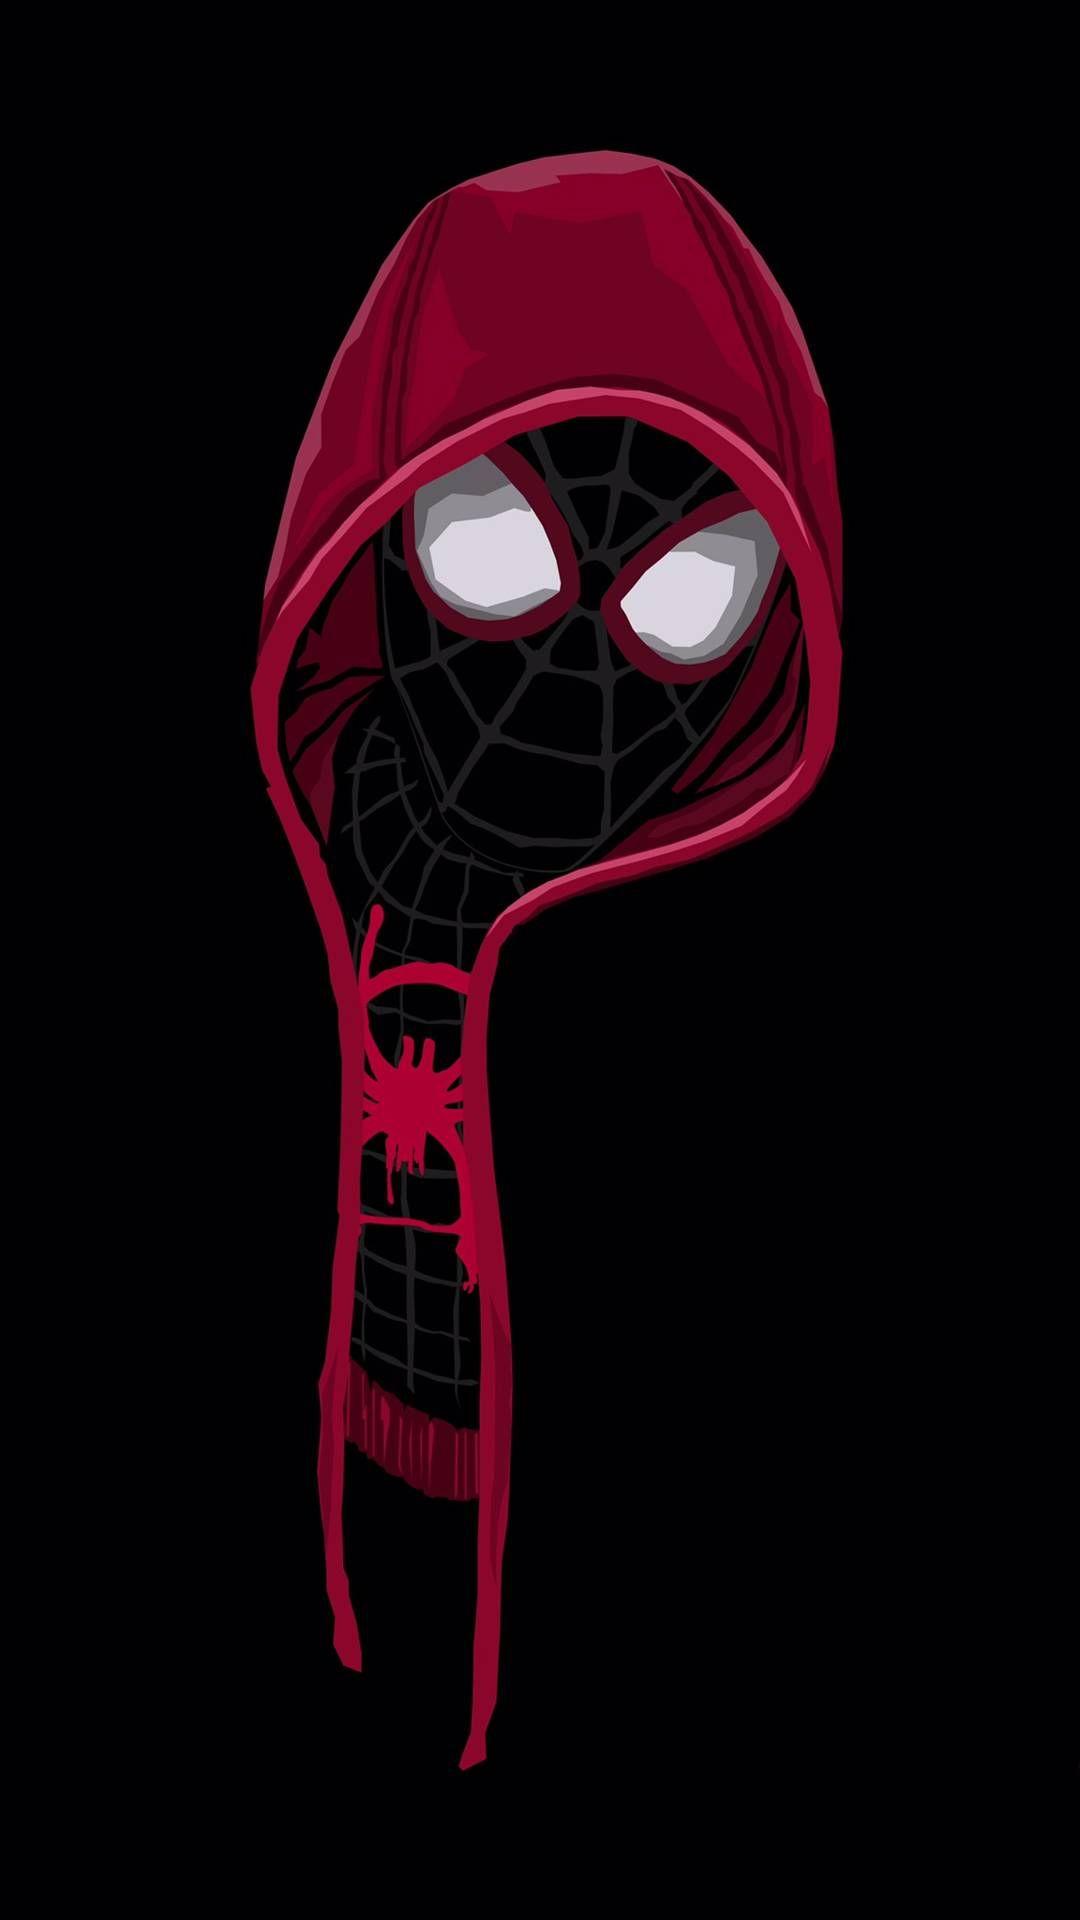 Black Spiderman Hoodie Iphone Wallpaper Spiderman Art Spiderman Artwork Superhero Wallpaper